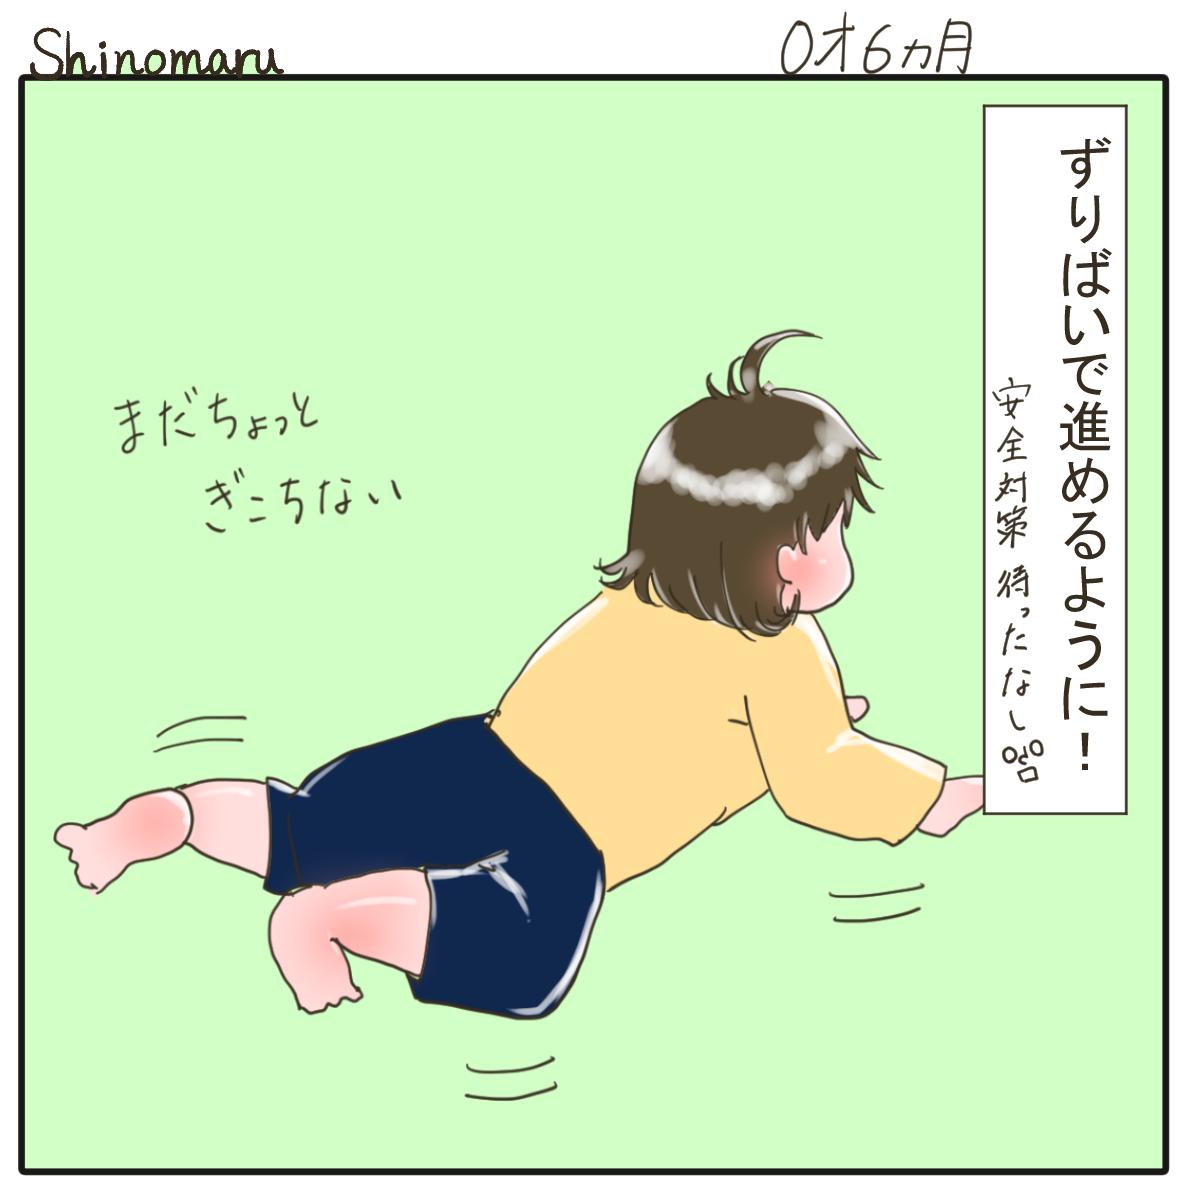 f:id:Shinomaru:20210510223034p:plain